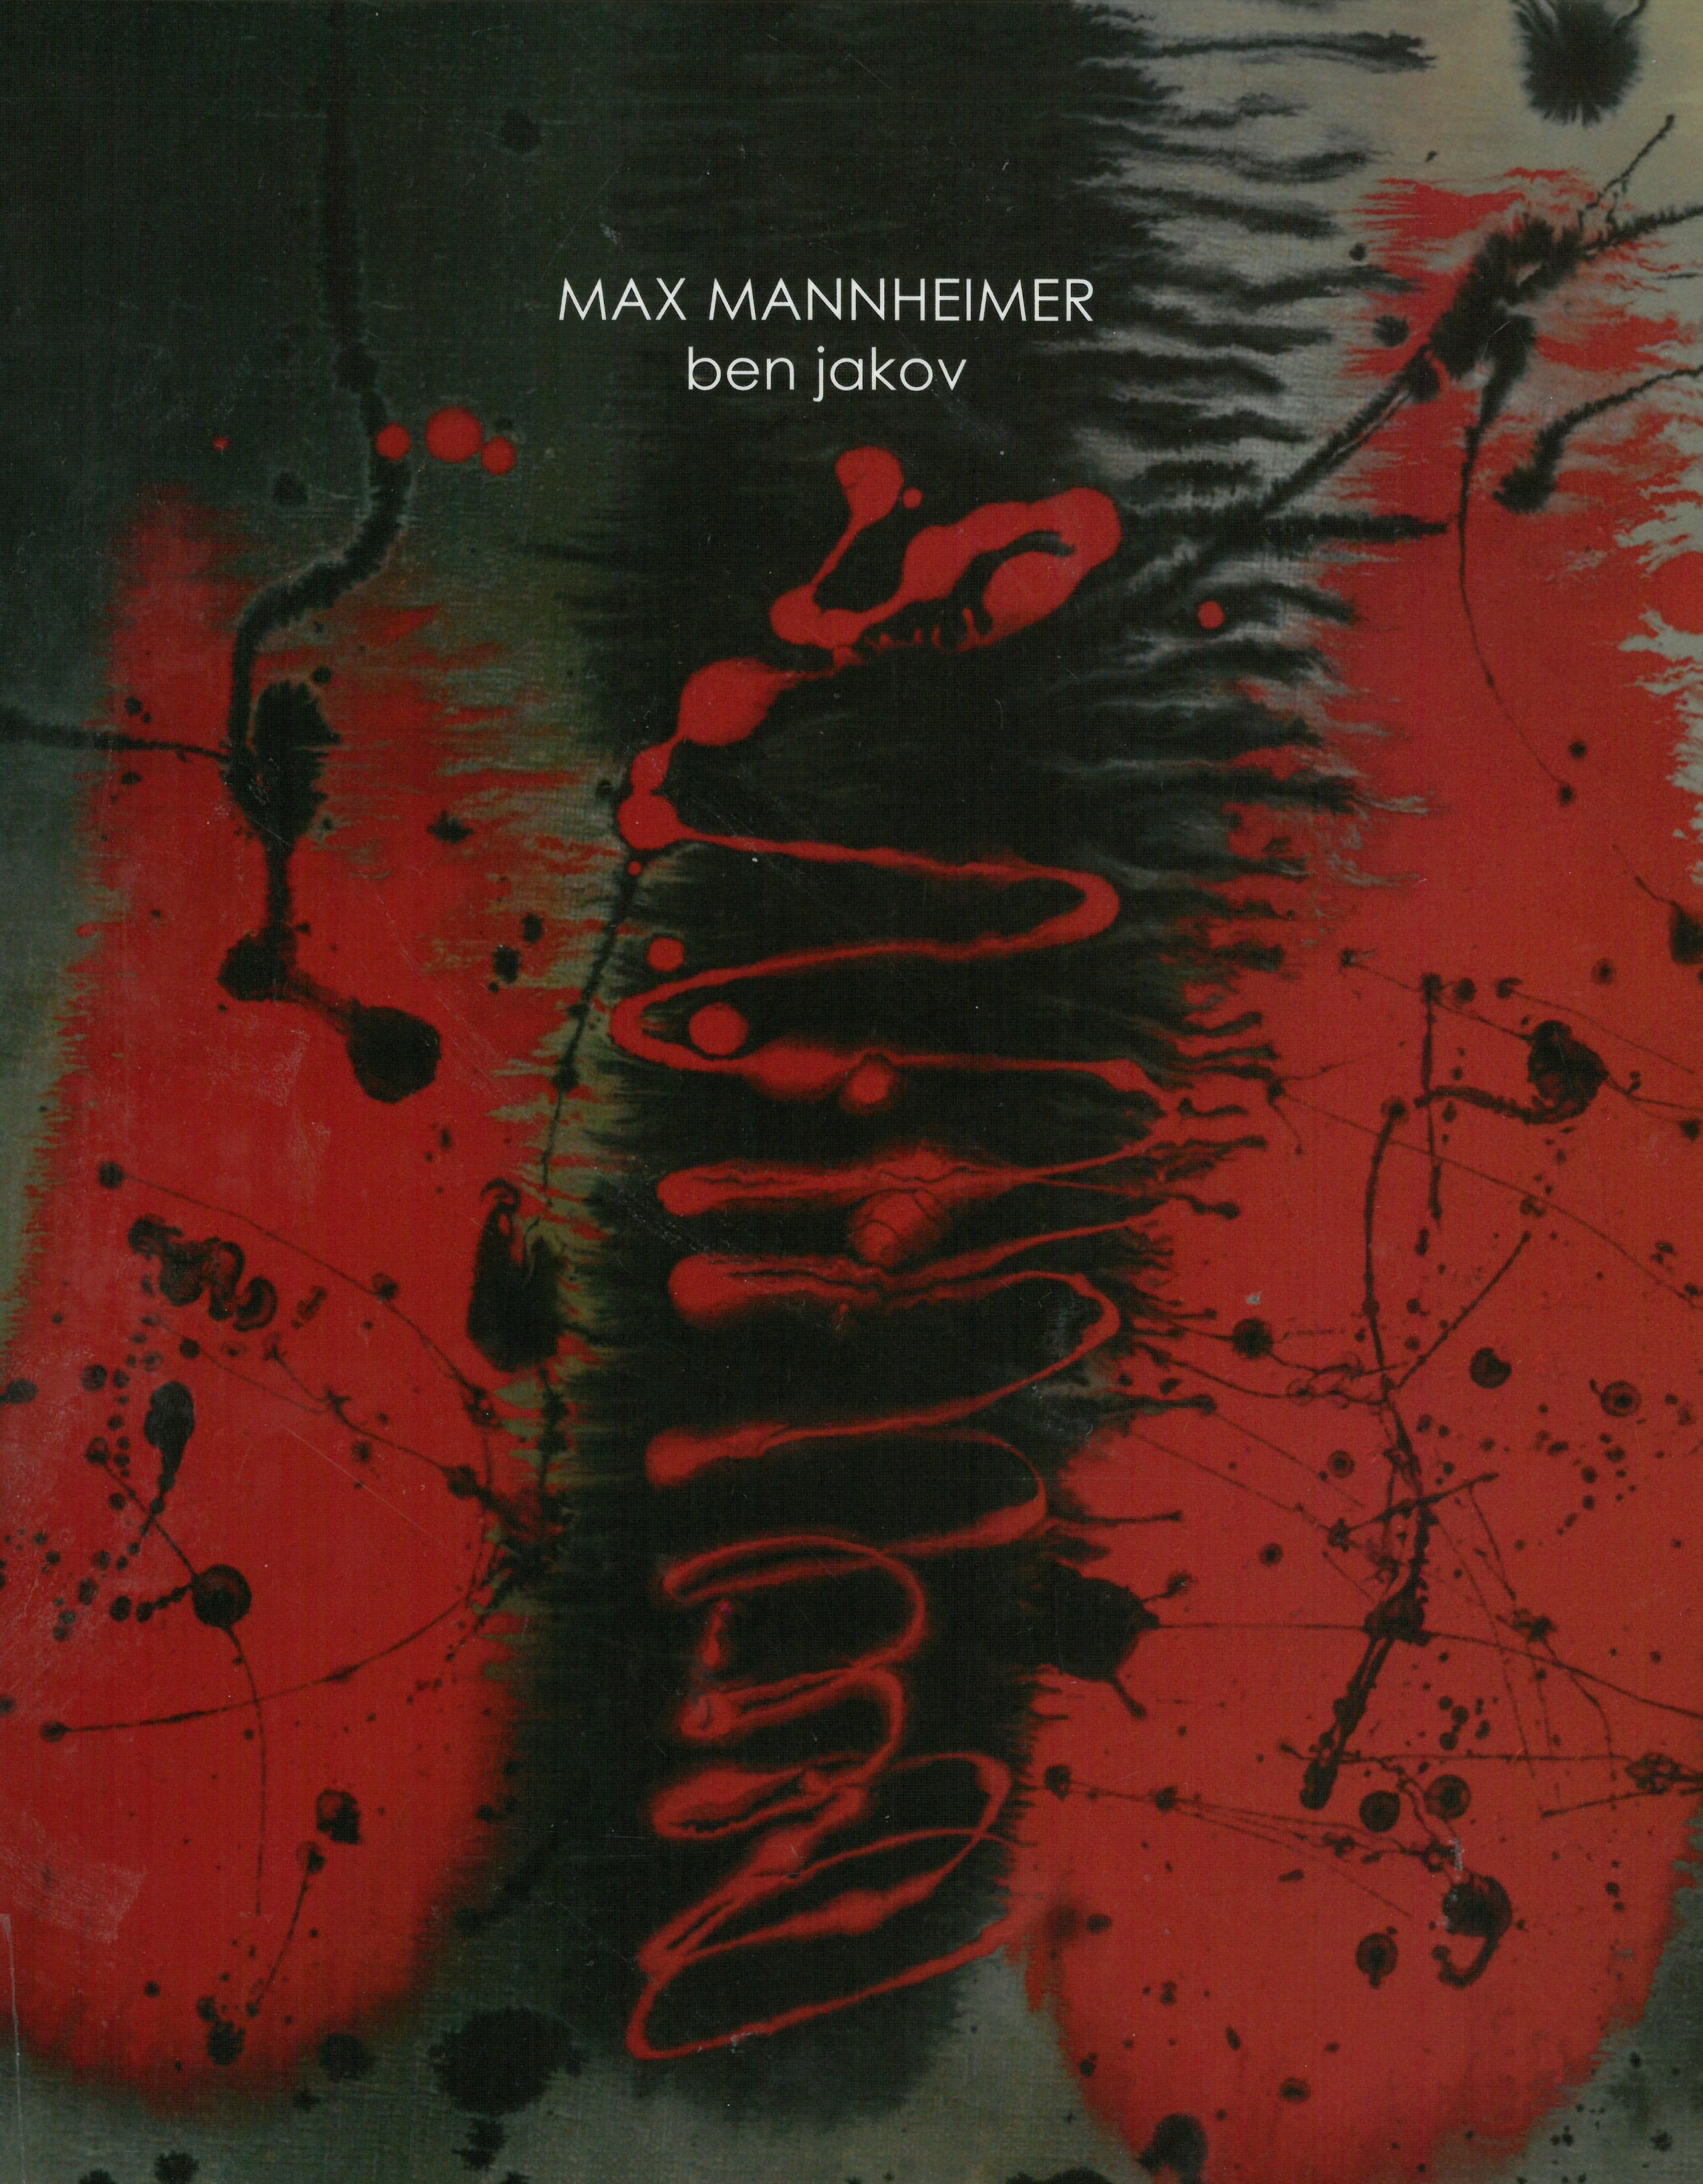 """Das Cover des Ausstellungskatalogs """"Max Mannheimer – ben jakov. ...ich male nur für mich"""" zeigt ein Gemälde, das in roten und schwarzen Farbtönen gehalten ist, aber keine Figuren oder Formen zeigt."""